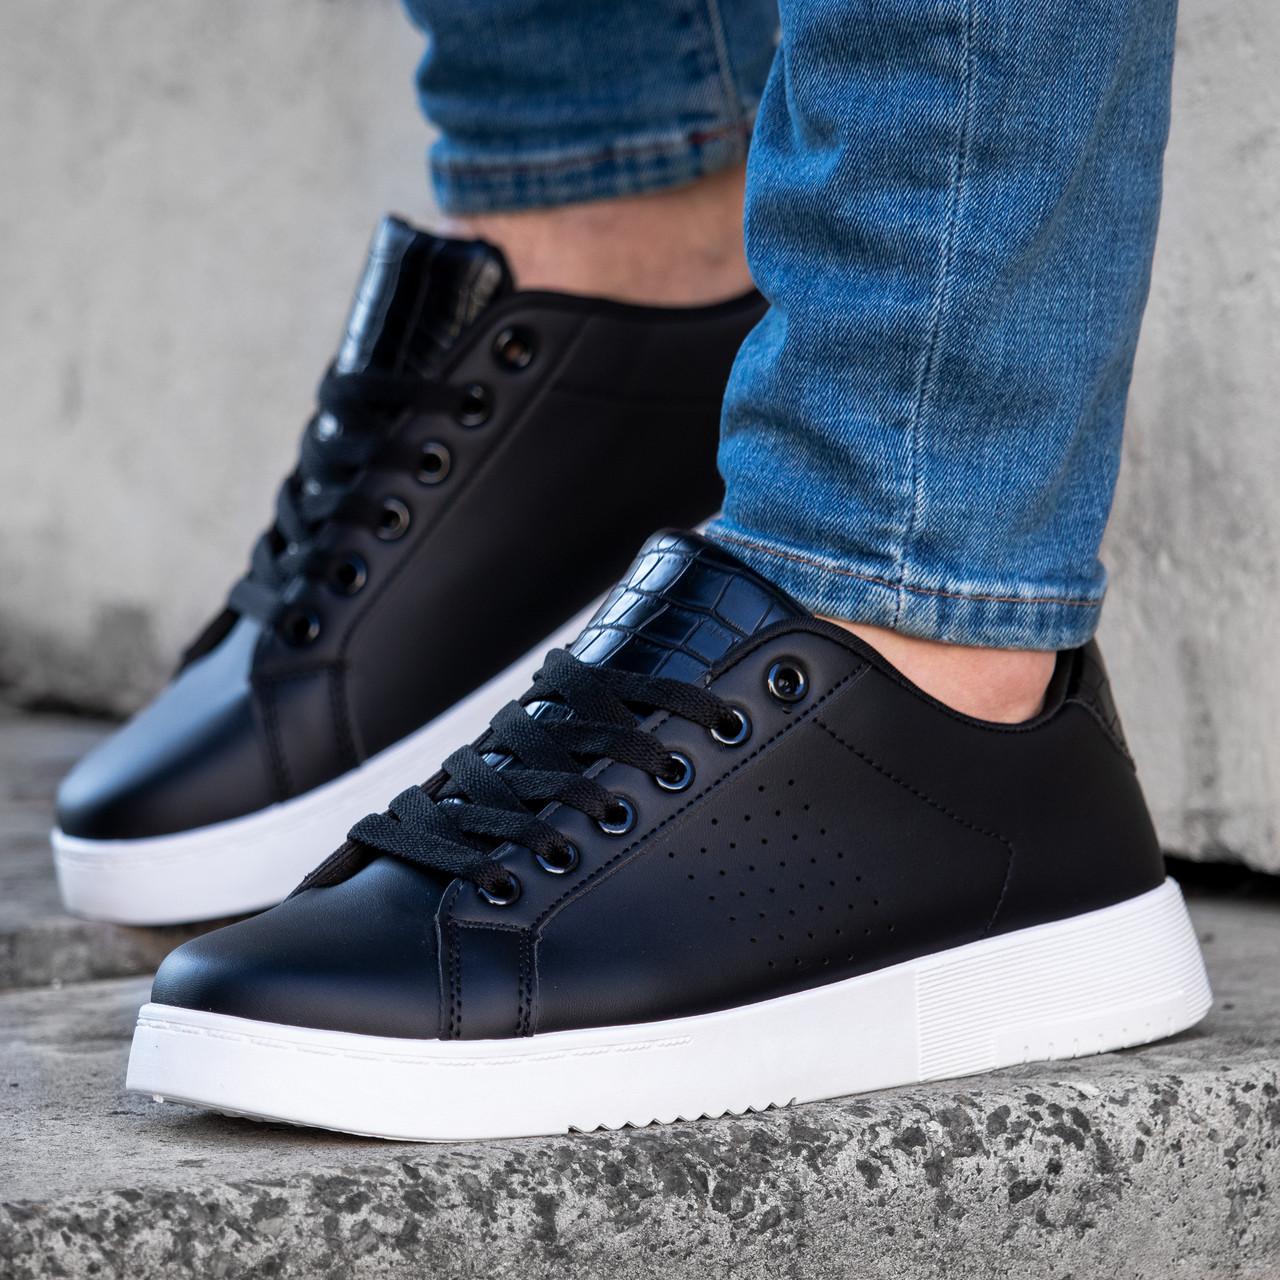 Мужские черные повседневные кроссовки классические на белой подошве Размеры 40,44